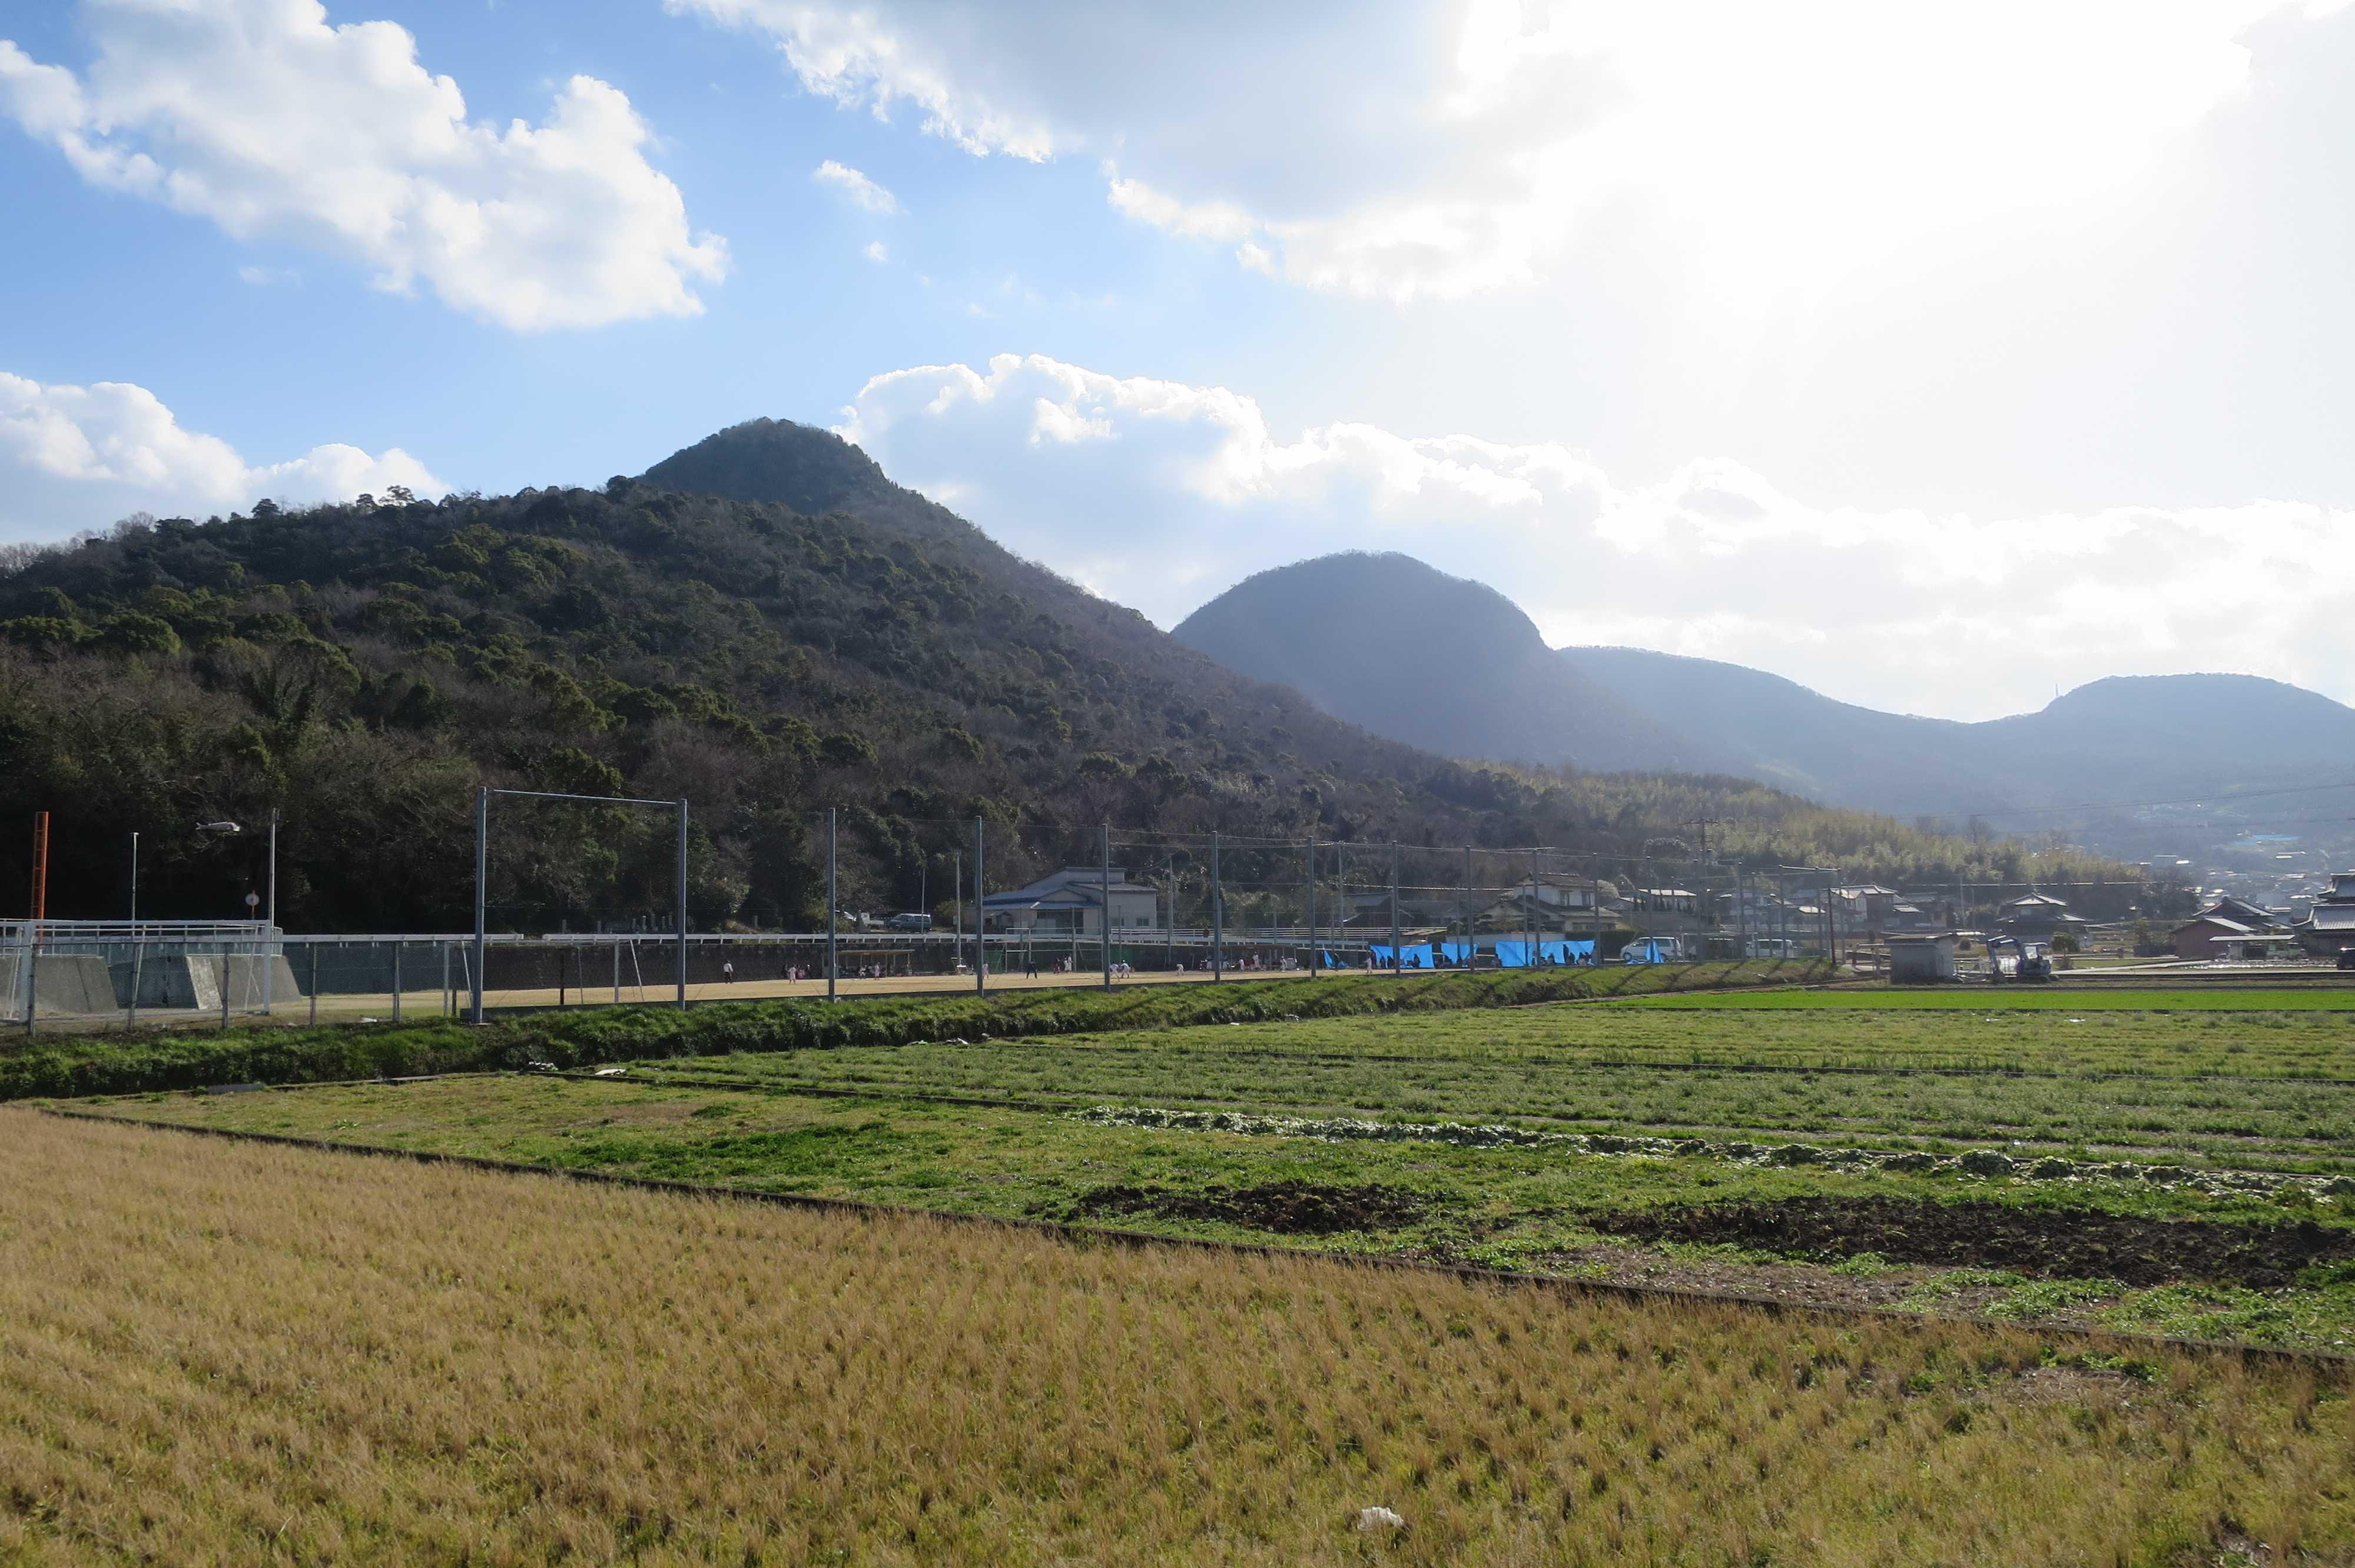 五岳山 - 香色山・筆ノ山・我拝師山・中山・火上山